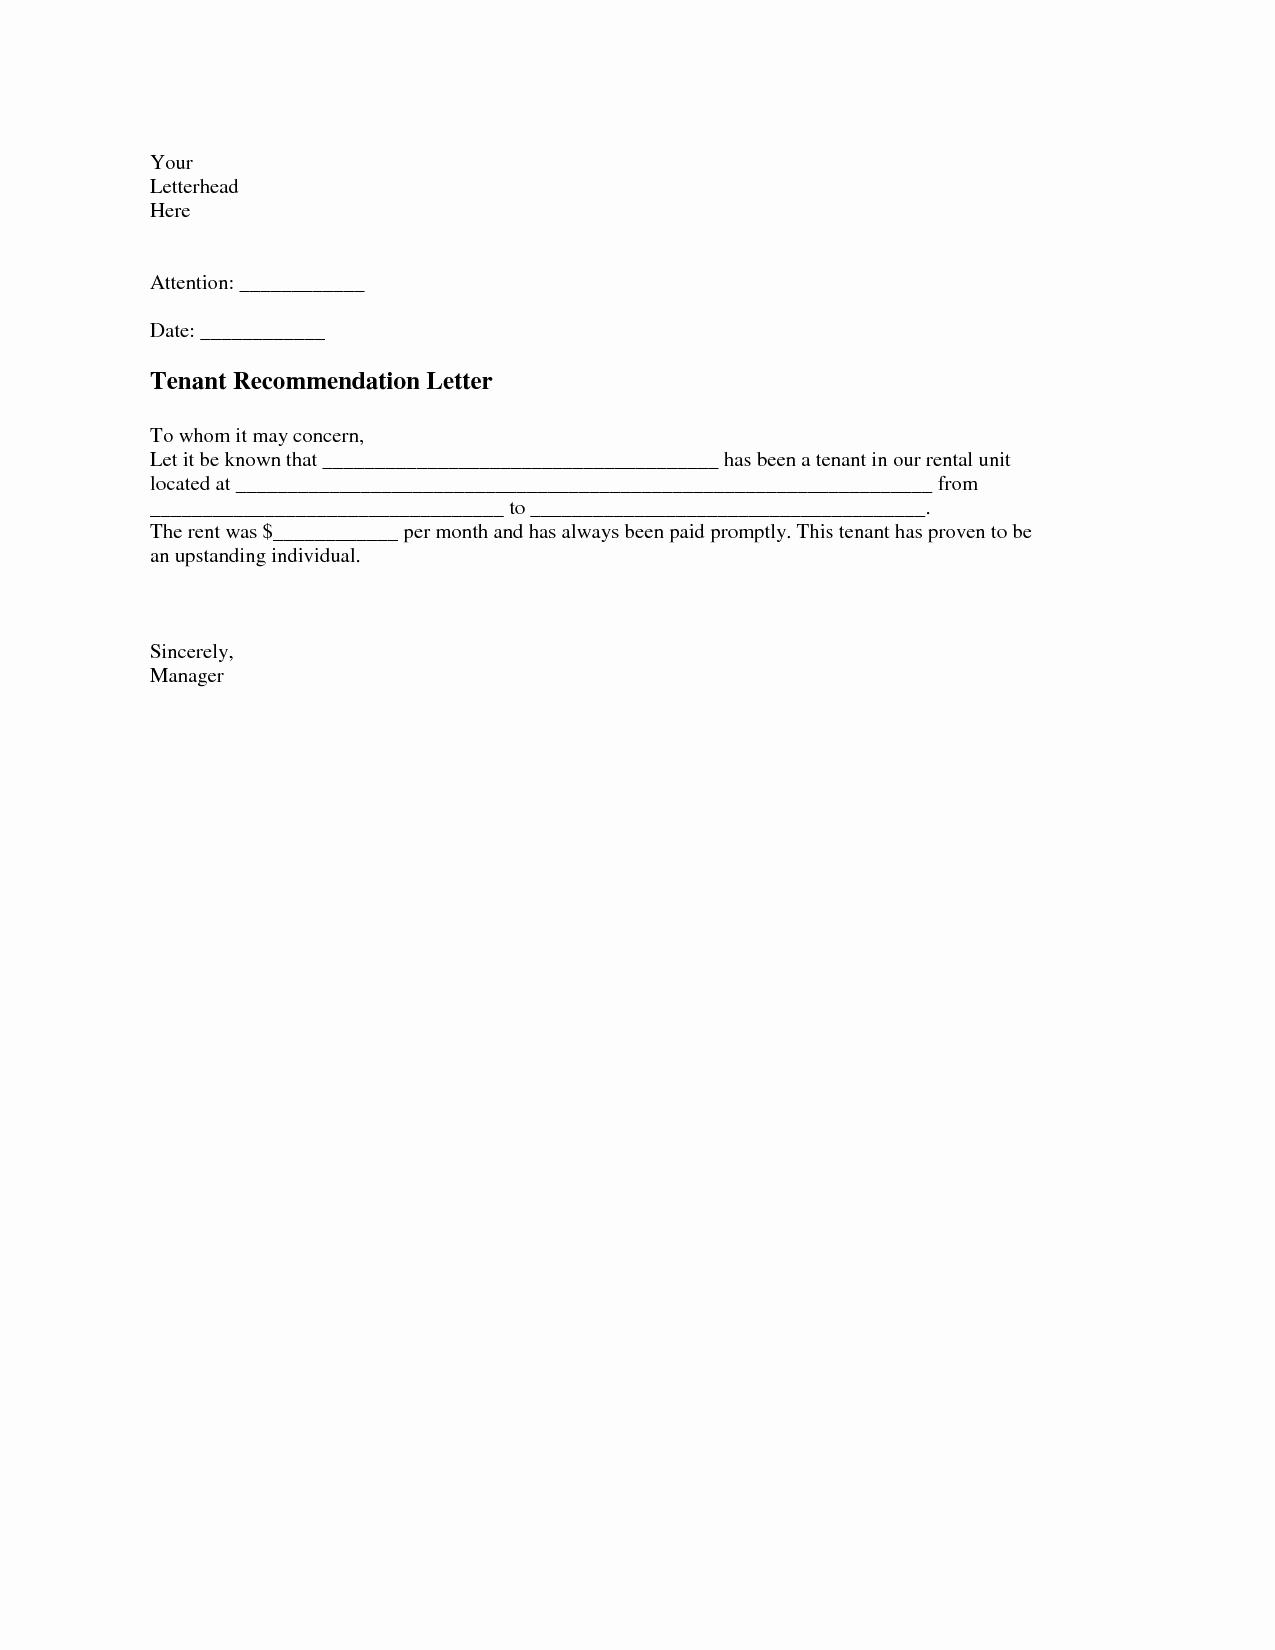 Letter Of Recommendation for Apartment Unique Tenant Re Mendation Letter A Tenant Re Mendation